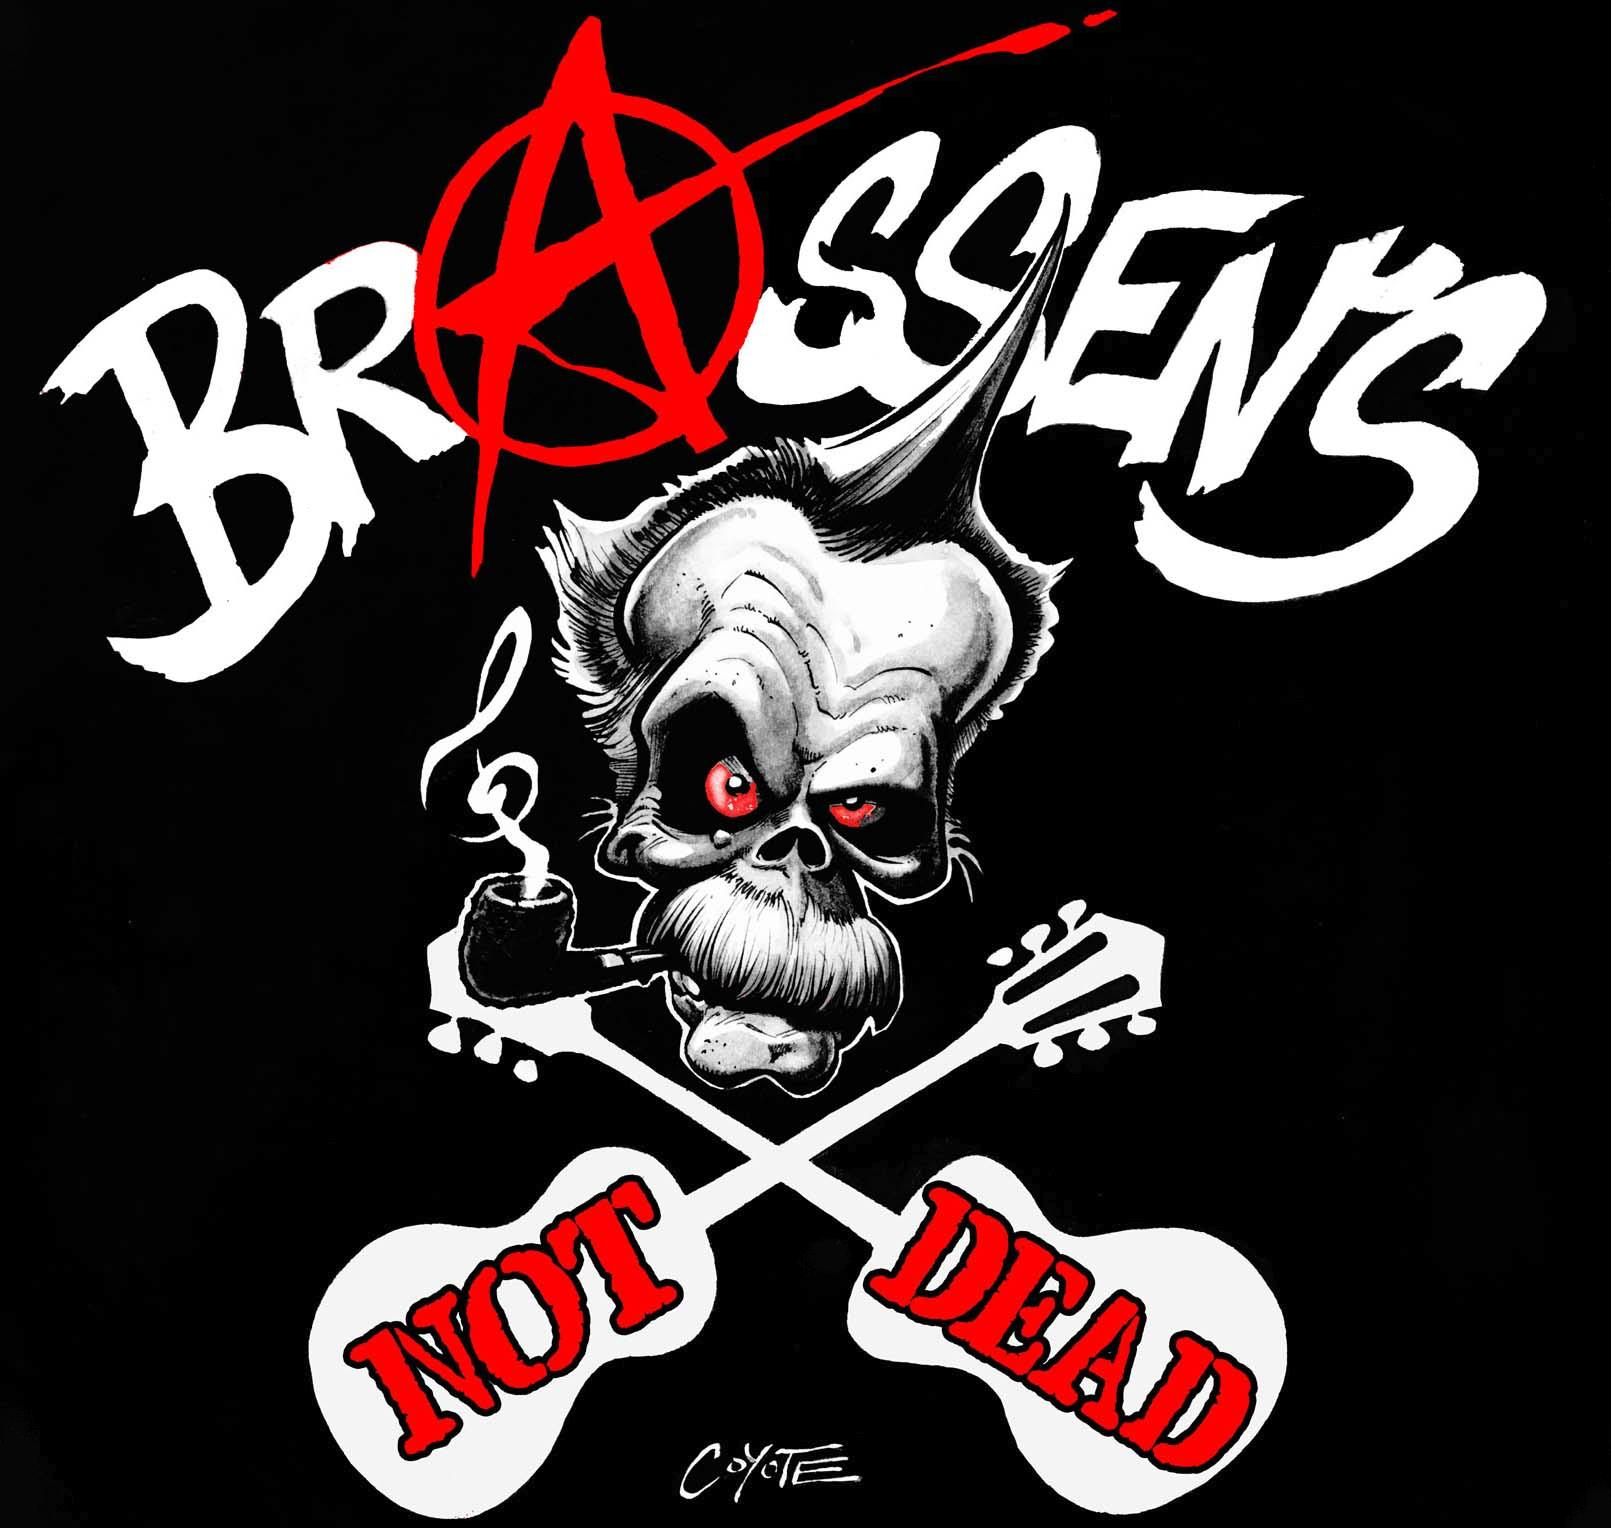 Brassen's not dead